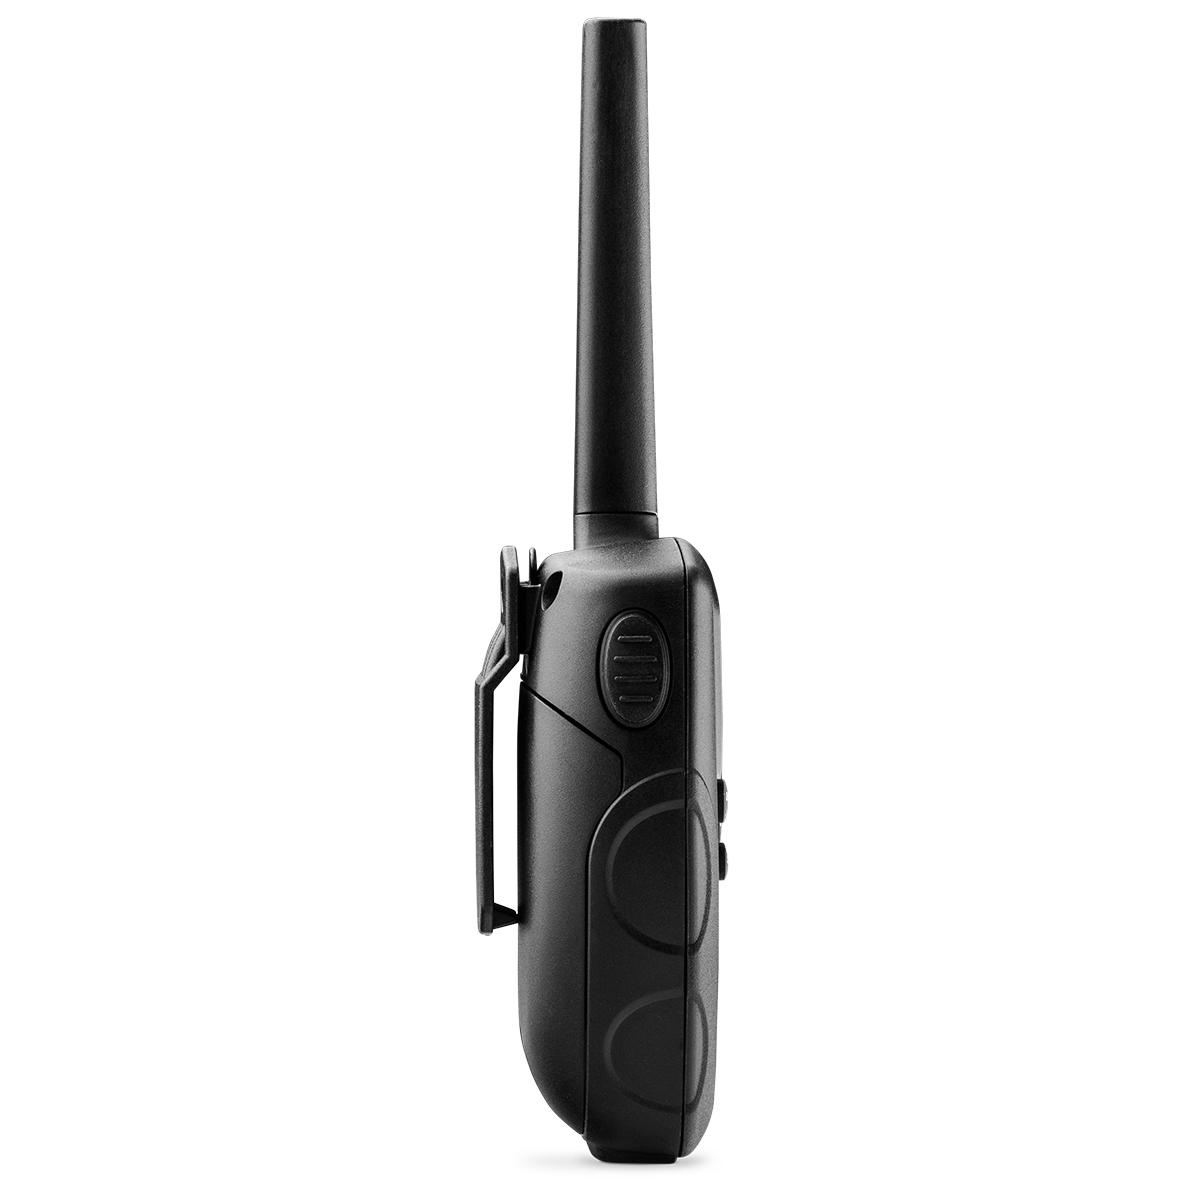 Radio Comunicador Intelbras 20 Km Trio RC 5003 USB  - ShopNoroeste.com.br